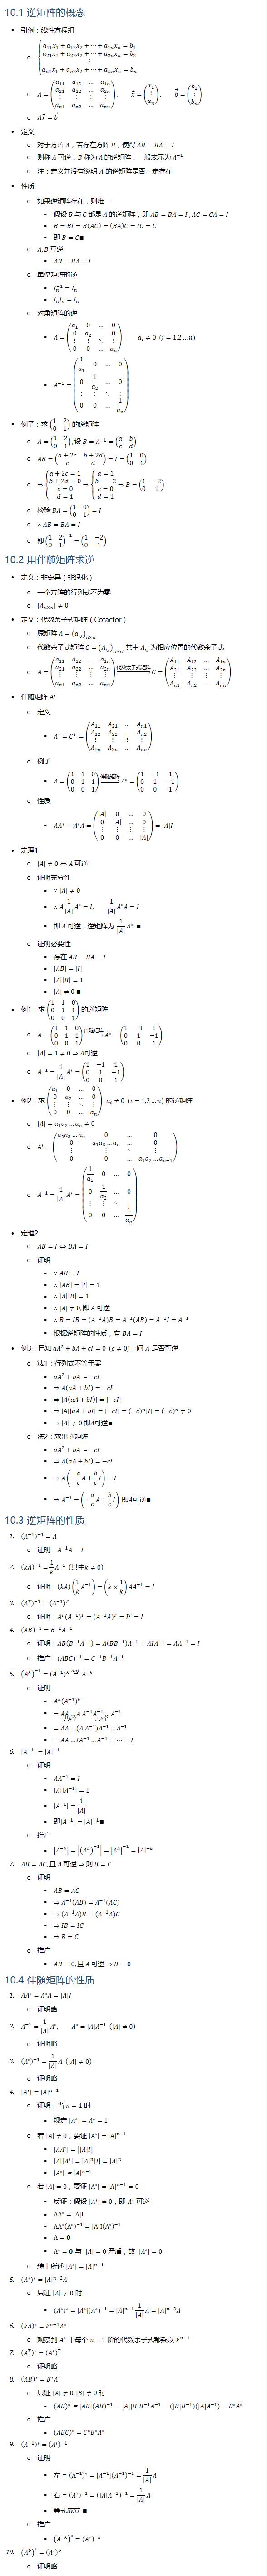 10.1 逆矩阵的概念 • 引例:线性方程组 ○ {█(a_11 x_1+a_12 x_2+…+a_1n x_n=b_1@a_21 x_1+a_22 x_2+…+a_2n x_n=b_2@⋮@a_n1 x_1+a_n2 x_2+…+a_nn x_n=b_n )┤ ○ A=(■8(a_11&a_12&…&a_1n@a_21&a_22&…&a_2n@⋮&⋮&⋮&⋮@a_n1&a_n2&…&a_nn )), x ⃗=(■8(x_1@⋮@x_n )), b ⃗=(■8(b_1@⋮@b_n )) ○ Ax ⃗=b ⃗ • 定义 ○ 对于方阵 A,若存在方阵 B,使得 AB=BA=I ○ 则称 A 可逆,B 称为 A 的逆矩阵,一般表示为 A^(−1) ○ 注:定义并没有说明 A 的逆矩阵是否一定存在 • 性质 ○ 如果逆矩阵存在,则唯一 § 假设 B 与 C 都是 A 的逆矩阵,即 AB=BA=I , AC=CA=I § B=BI=B(AC)=(BA)C=IC=C § 即 B=C∎ ○ A,B 互逆 § AB=BA=I ○ 单位矩阵的逆 § I_n^(−1)=I_n § I_n I_n=I_n ○ 对角矩阵的逆 § A=(■8(a_1&0&…&0@0&a_2&…&0@⋮&⋮&⋱&⋮@0&0&…&a_n )), a_i≠0 (i=1,2…n) § A^(−1)=(■8(1/a_1 &0&…&0@0&1/a_2 &…&0@⋮&⋮&⋱&⋮@0&0&…&1/a_n )) • 例子:求 (■8(1&2@0&1)) 的逆矩阵 ○ A=(■8(1&2@0&1)), 设 B=A^(−1)=(■8(a&b@c&d)) ○ AB=(■8(a+2c&b+2d@c&d))=I=(■8(1&0@0&1)) ○ ⇒{█(a+2c=1@b+2d=0@c=0@d=1)⇒{█(a=1@b=−2@c=0@d=1)┤⇒B=(■8(1&−2@0&1))┤ ○ 检验 BA=(■8(1&0@0&1))=I ○ ∴AB=BA=I ○ 即(■8(1&2@0&1))^(−1)=(■8(1&−2@0&1)) 10.2 用伴随矩阵求逆 • 定义:非奇异(非退化) ○ 一个方阵的行列式不为零 ○ |A_(n×n) |≠0 • 定义:代数余子式矩阵(Cofactor) ○ 原矩阵 ○ 代数余子式矩阵 ○ A=(■8(a_11&a_12&…&a_1n@a_21&a_22&…&a_2n@⋮&⋮&⋮&⋮@a_n1&a_n2&…&a_nn )) ⇒┴代数余子式矩阵 C=(■8(A_11&A_12&…&A_1n@A_21&A_22&…&A_2n@⋮&⋮&⋮&⋮@A_n1&A_n2&…&A_nn )) • 伴随矩阵 A^∗ ○ 定义 § A^∗=C^T=(■8(A_11&A_21&…&A_n1@A_12&A_22&…&A_n2@⋮&⋮&⋮&⋮@A_1n&A_2n&…&A_nn )) ○ 例子 § A=(■8(1&1&0@0&1&1@0&0&1)) ⇒┴伴随矩阵 A^∗=(■8(1&−1&1@0&1&−1@0&0&1)) ○ 性质 § 〖AA〗^∗=A^∗ A=(■8(|A|&0&…&0@0&|A|&…&0@⋮&⋮&⋮&⋮@0&0&…&|A| ))=|A|I • 定理1 ○ |A|≠0⇔A 可逆 ○ 证明充分性 § ∵|A|≠0 § ∴A1/|A| A^∗=I, 1/|A| A^∗ A=I § 即 A 可逆,逆矩阵为 1/|A| A^∗ ∎ ○ 证明必要性 § 存在 AB=BA=I § |AB|=|I| § |A||B|=1 § |A|≠0 ∎ • 例1:求 (■8(1&1&0@0&1&1@0&0&1)) 的逆矩阵 ○ A=(■8(1&1&0@0&1&1@0&0&1)) ⇒┴伴随矩阵 A^∗=(■8(1&−1&1@0&1&−1@0&0&1)) ○ |A|=1≠0⇒A可逆 ○ A^(−1)=1/|A| A^∗=(■8(1&−1&1@0&1&−1@0&0&1)) • 例2:求 (■8(a_1&0&…&0@0&a_2&…&0@⋮&⋮&⋱&⋮@0&0&…&a_n )) a_i≠0 (i=1,2…n) 的逆矩阵 ○ |A|=a_1 a_2…a_n≠0 ○ A^∗=(■8(a_2 a_3…a_n&0&…&0@0&a_1 a_3…a_n&…&0@⋮&⋮&⋱&⋮@0&0&…&〖a_1 a_2…a〗_(n−1) )) ○ A^(−1)=1/|A| A^∗=(■8(1/a_1 &0&…&0@0&1/a_2 &…&0@⋮&⋮&⋱&⋮@0&0&…&1/a_n )) • 定理2 ○ AB=I⇔BA=I ○ 证明 § ∵AB=I § ∴|AB|=|I|=1 § ∴|A||B|=1 § ∴|A|≠0 § ∴B=IB=(A^(−1) A)